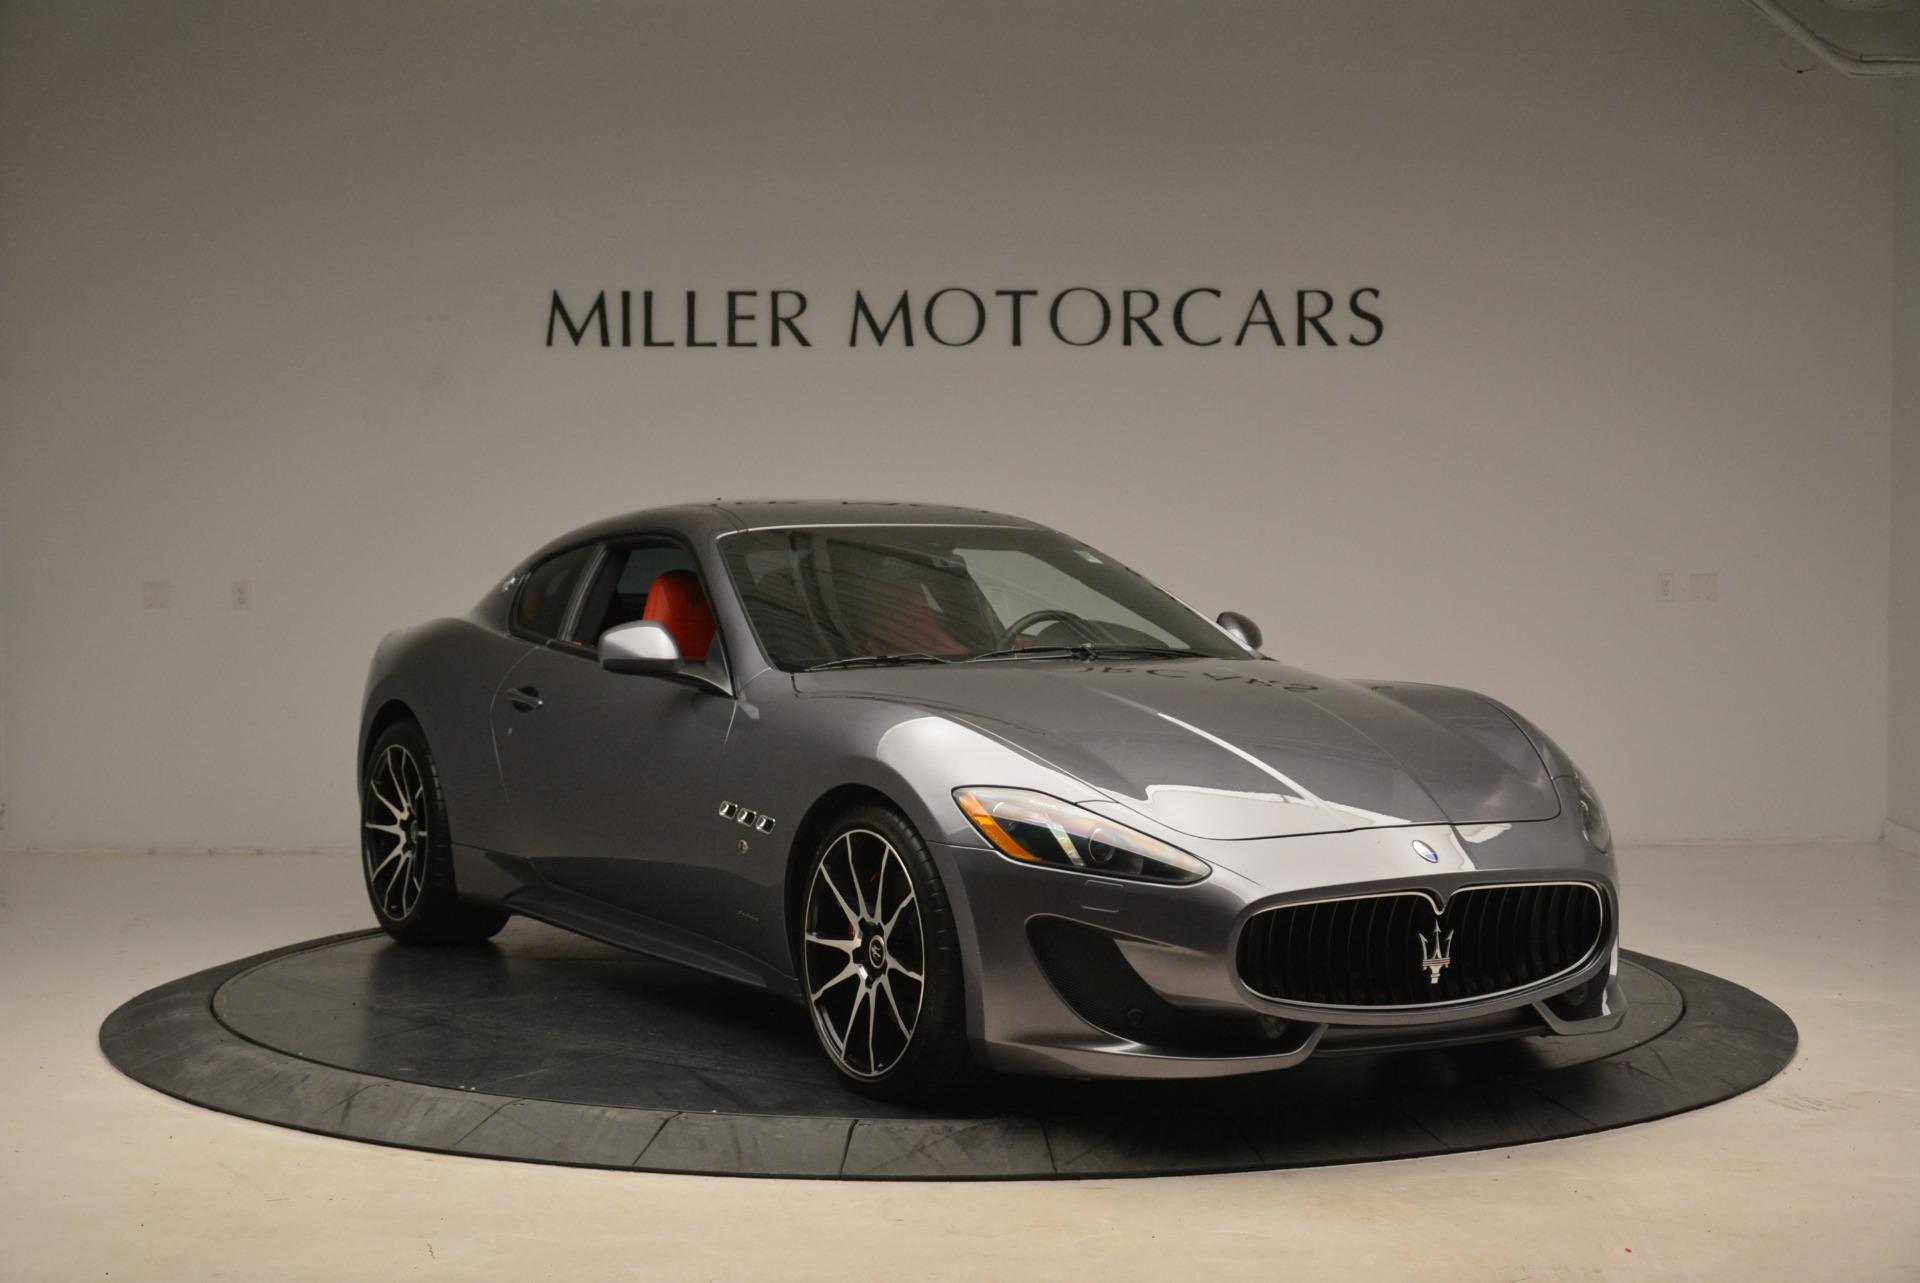 Used 2014 Maserati GranTurismo Sport For Sale In Greenwich, CT 2131_p9